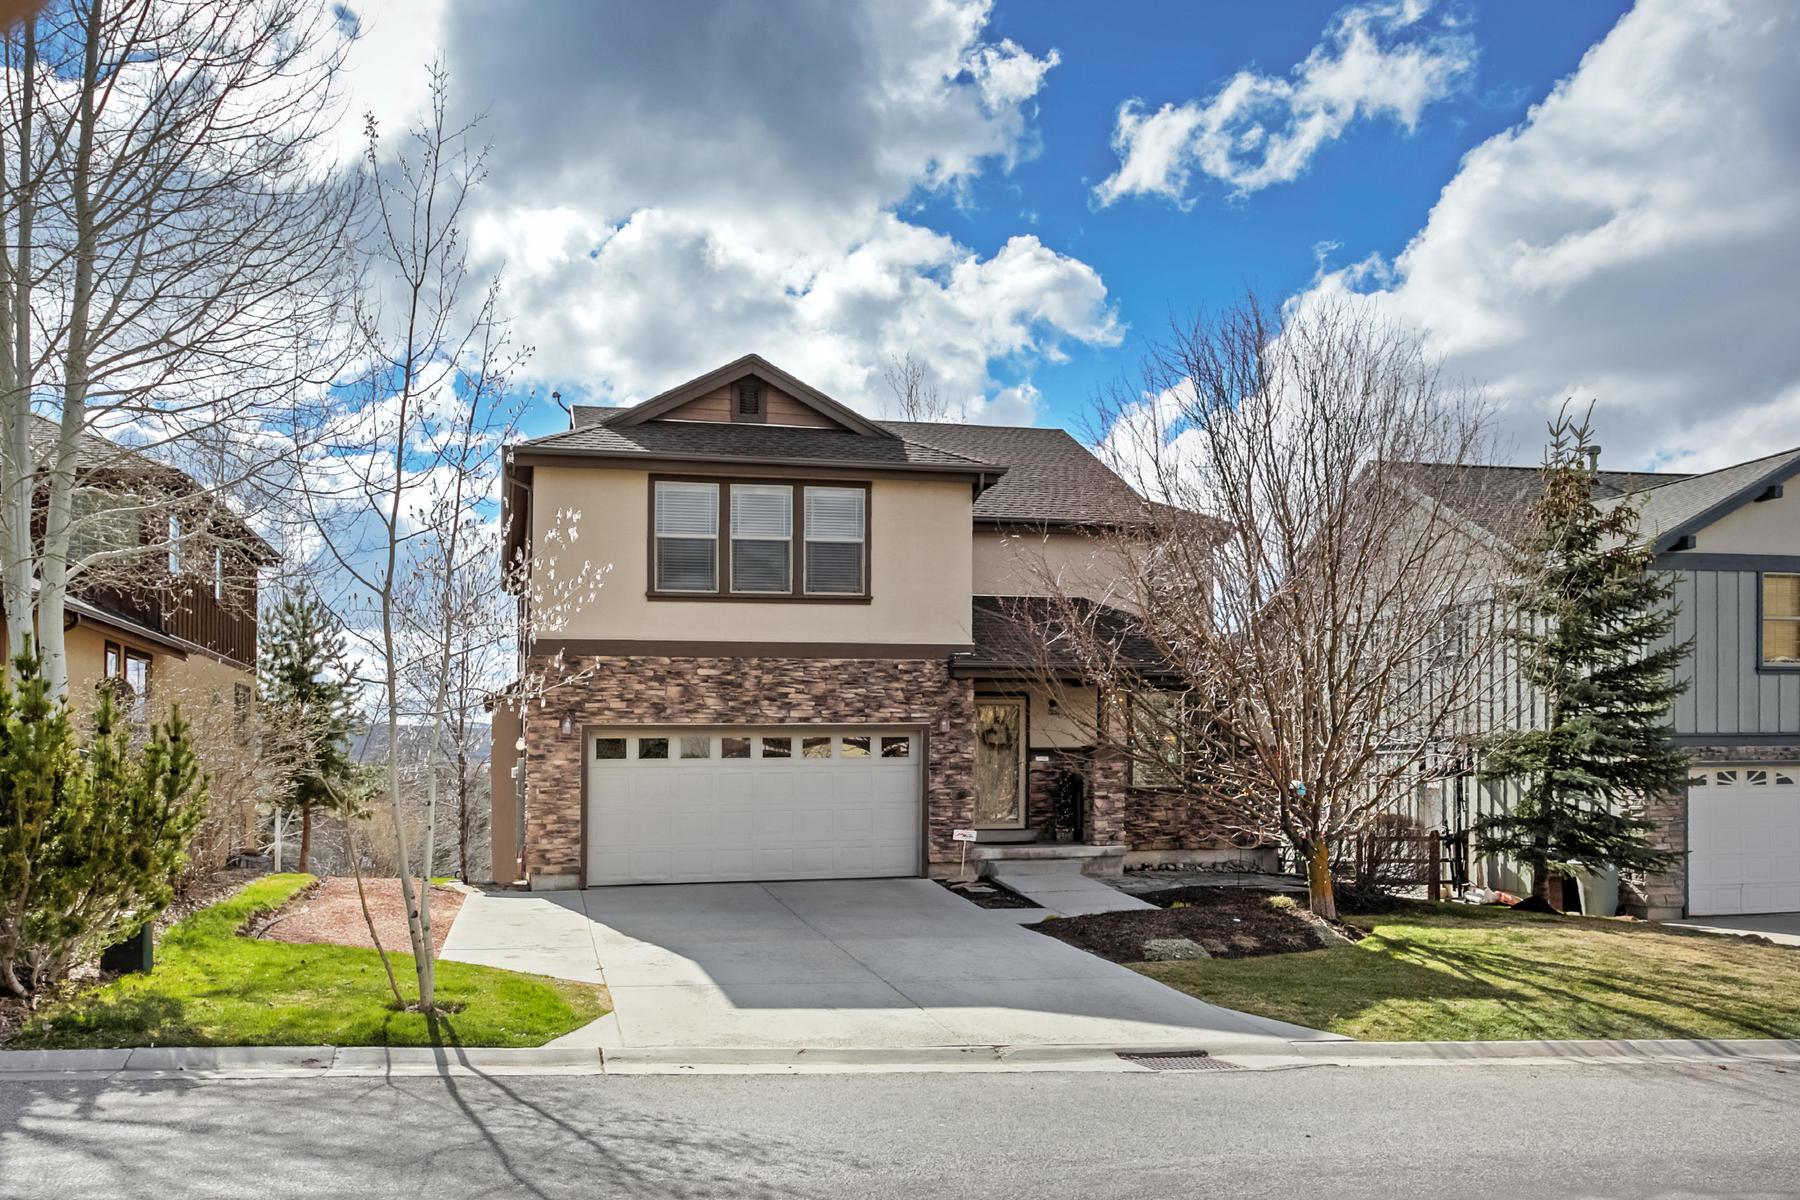 Tek Ailelik Ev için Satış at Family Friendly Value in a Wonderful Community! 5986 N Fairview Dr Park City, Utah, 84098 Amerika Birleşik Devletleri